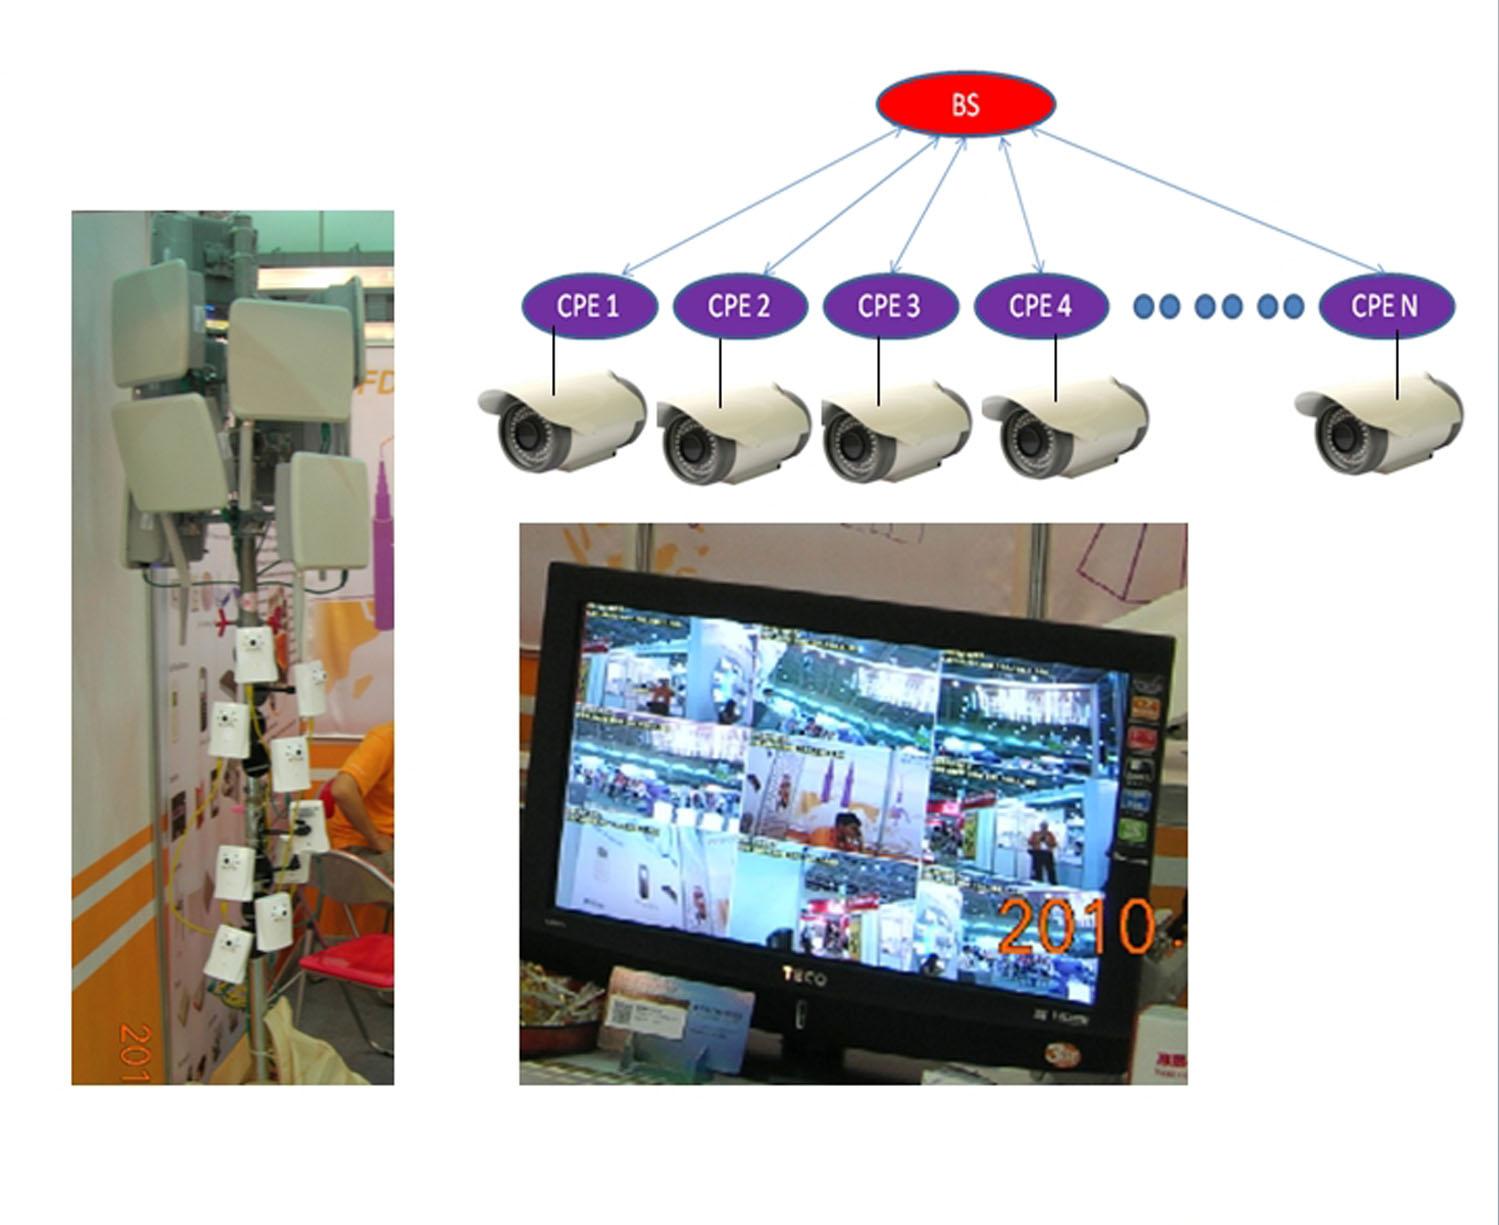 proimages/news/Wireless_surveillance.jpg